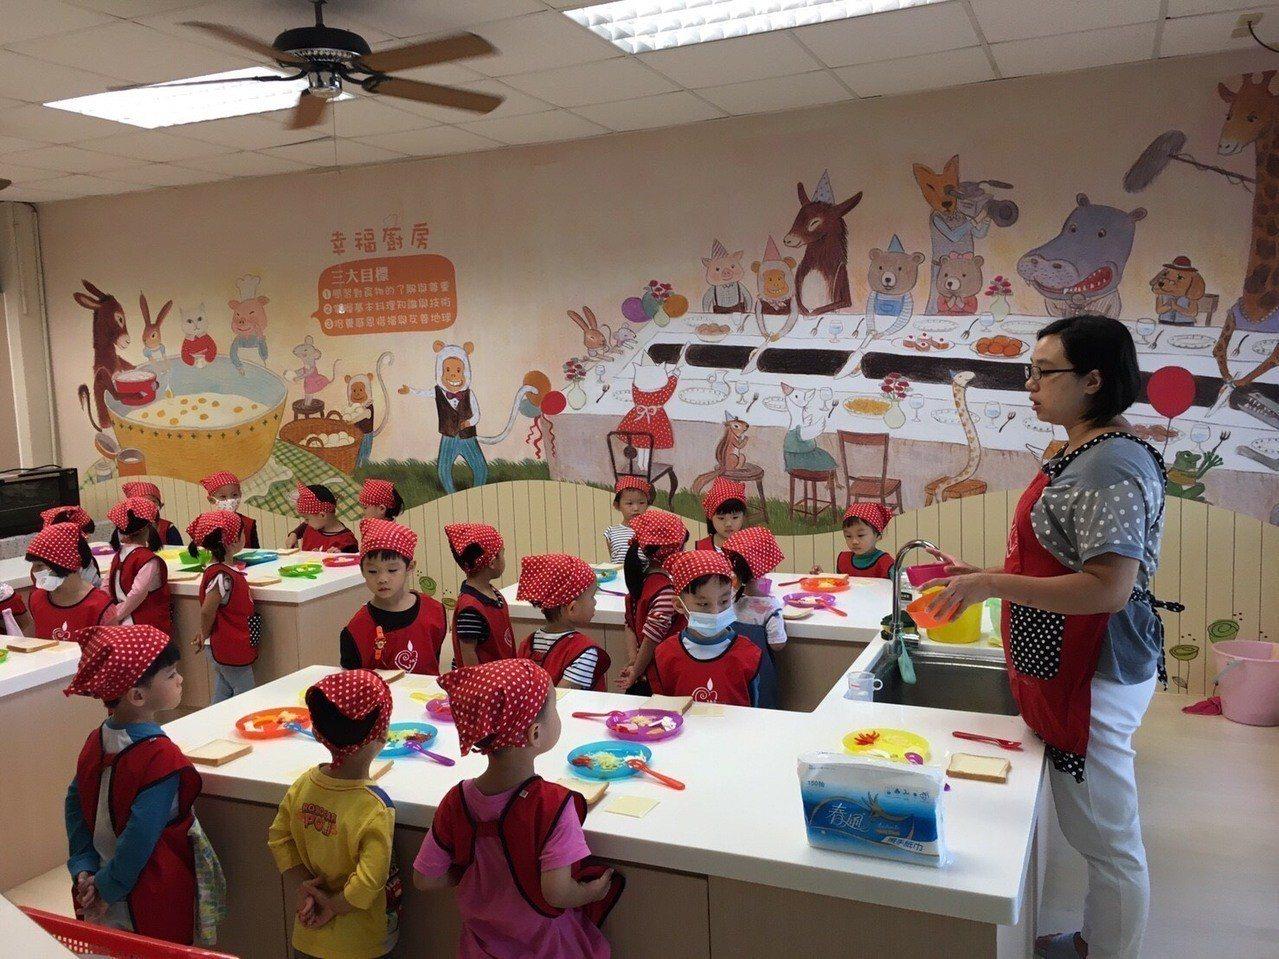 大成非營利幼兒園假日還安排小朋友野餐,也有烘焙等課程,小朋友學的很有趣。圖/南投...